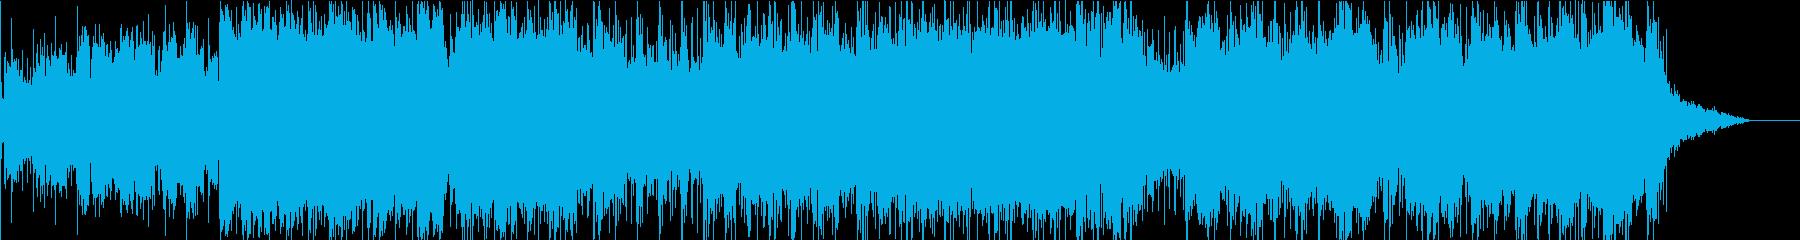 アラベスク1番 lofiMIXの再生済みの波形